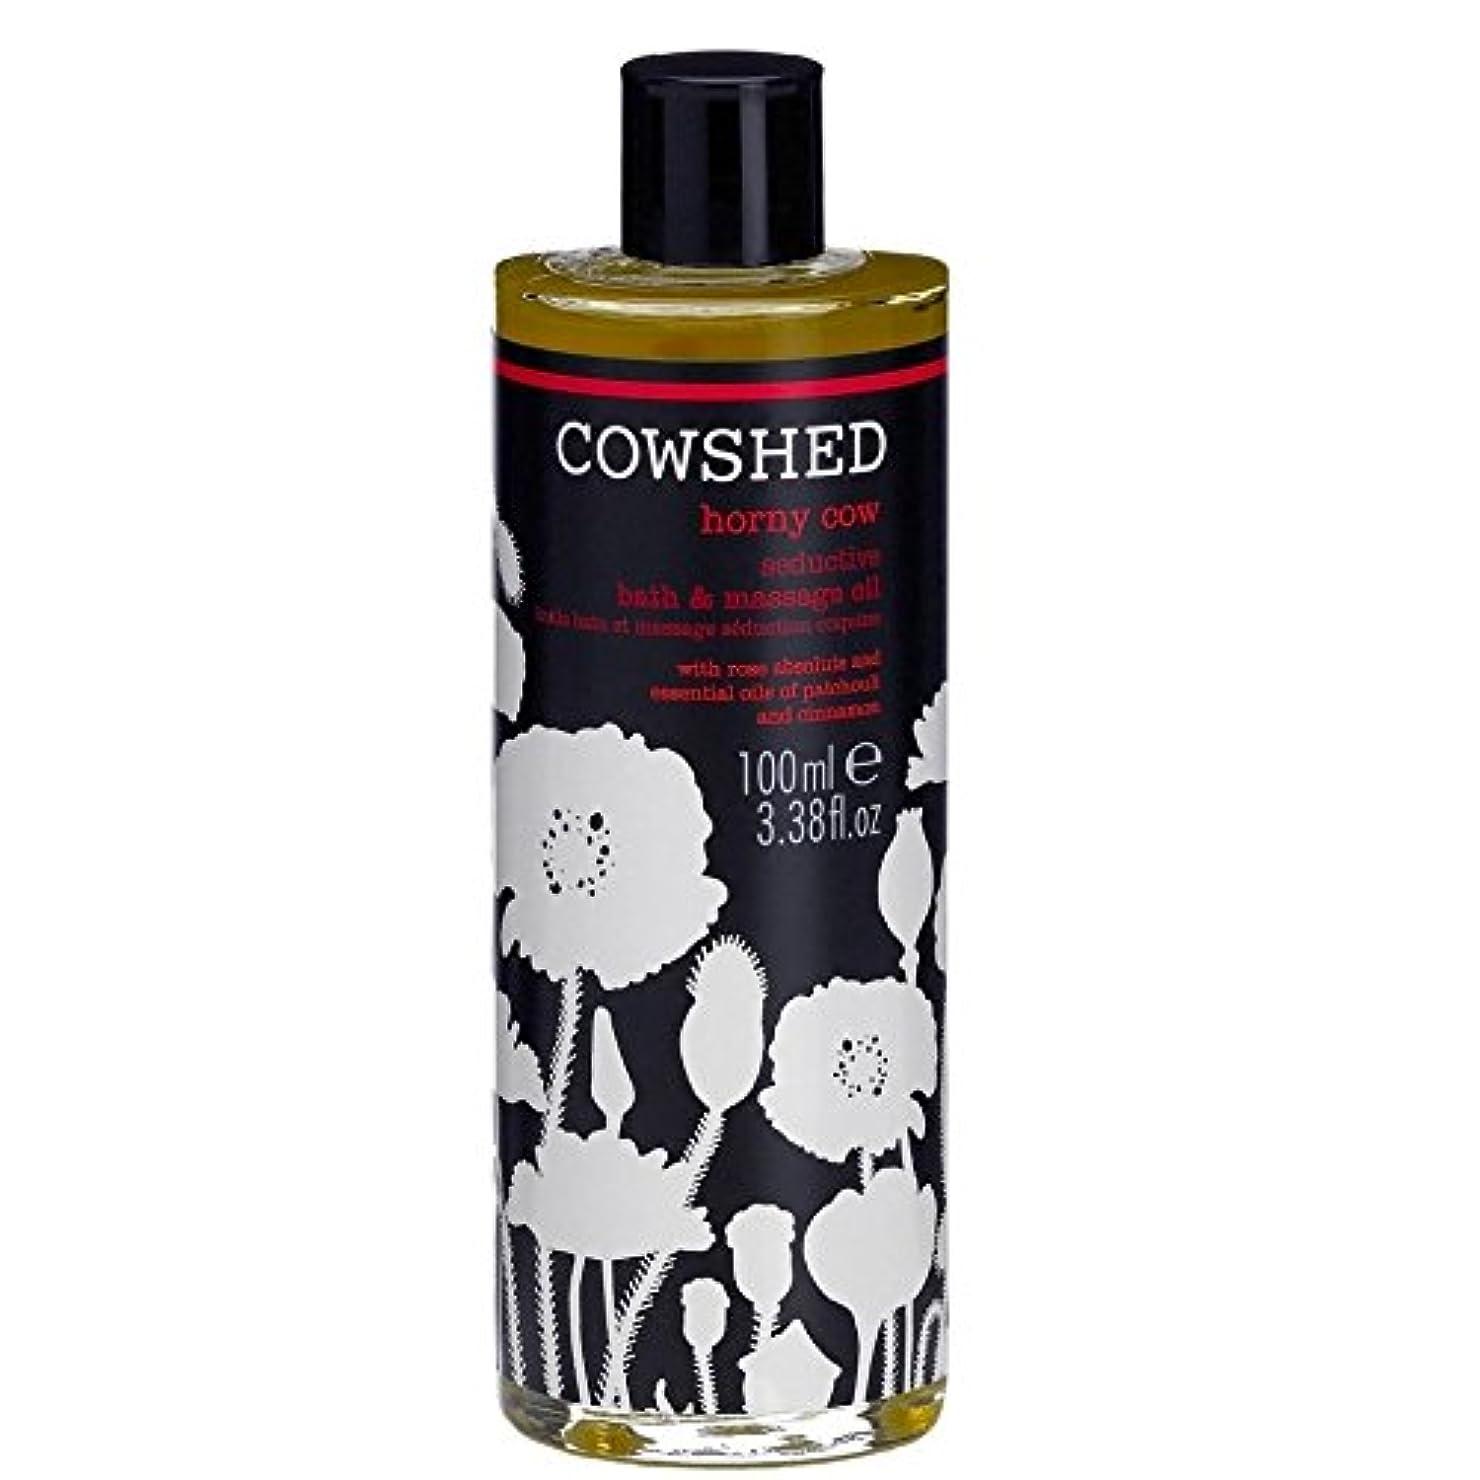 航空模索チョーク牛舎角質牛魅惑的なバス、ボディオイル100ミリリットル x2 - Cowshed Horny Cow Seductive Bath and Body Oil 100ml (Pack of 2) [並行輸入品]